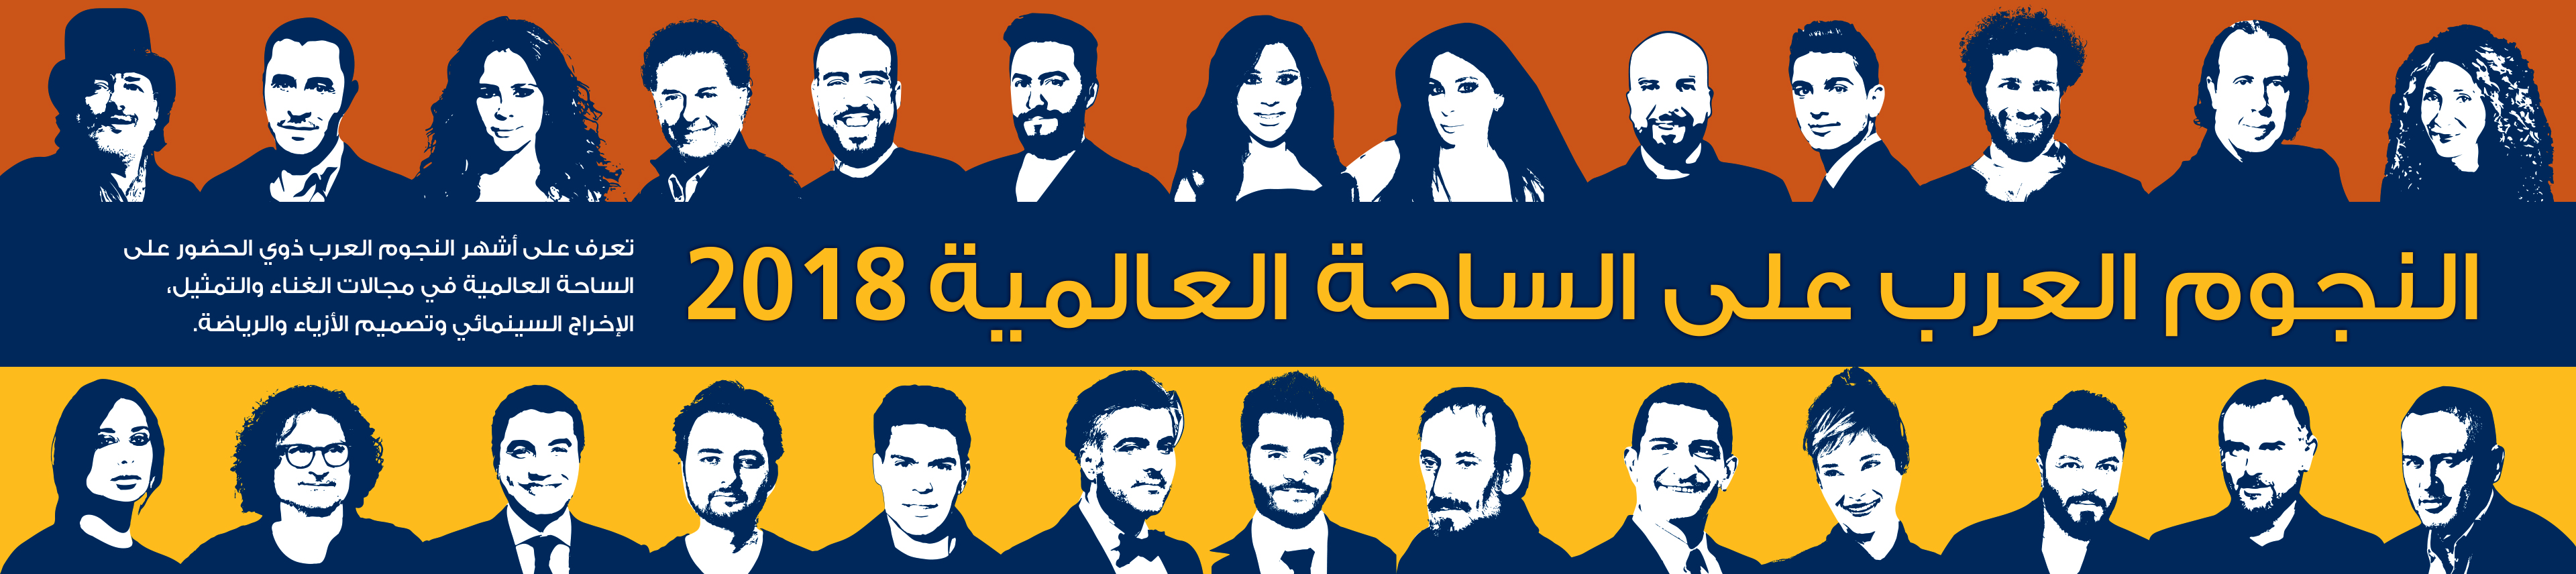 النجوم العرب على الساحة العالمية 2018